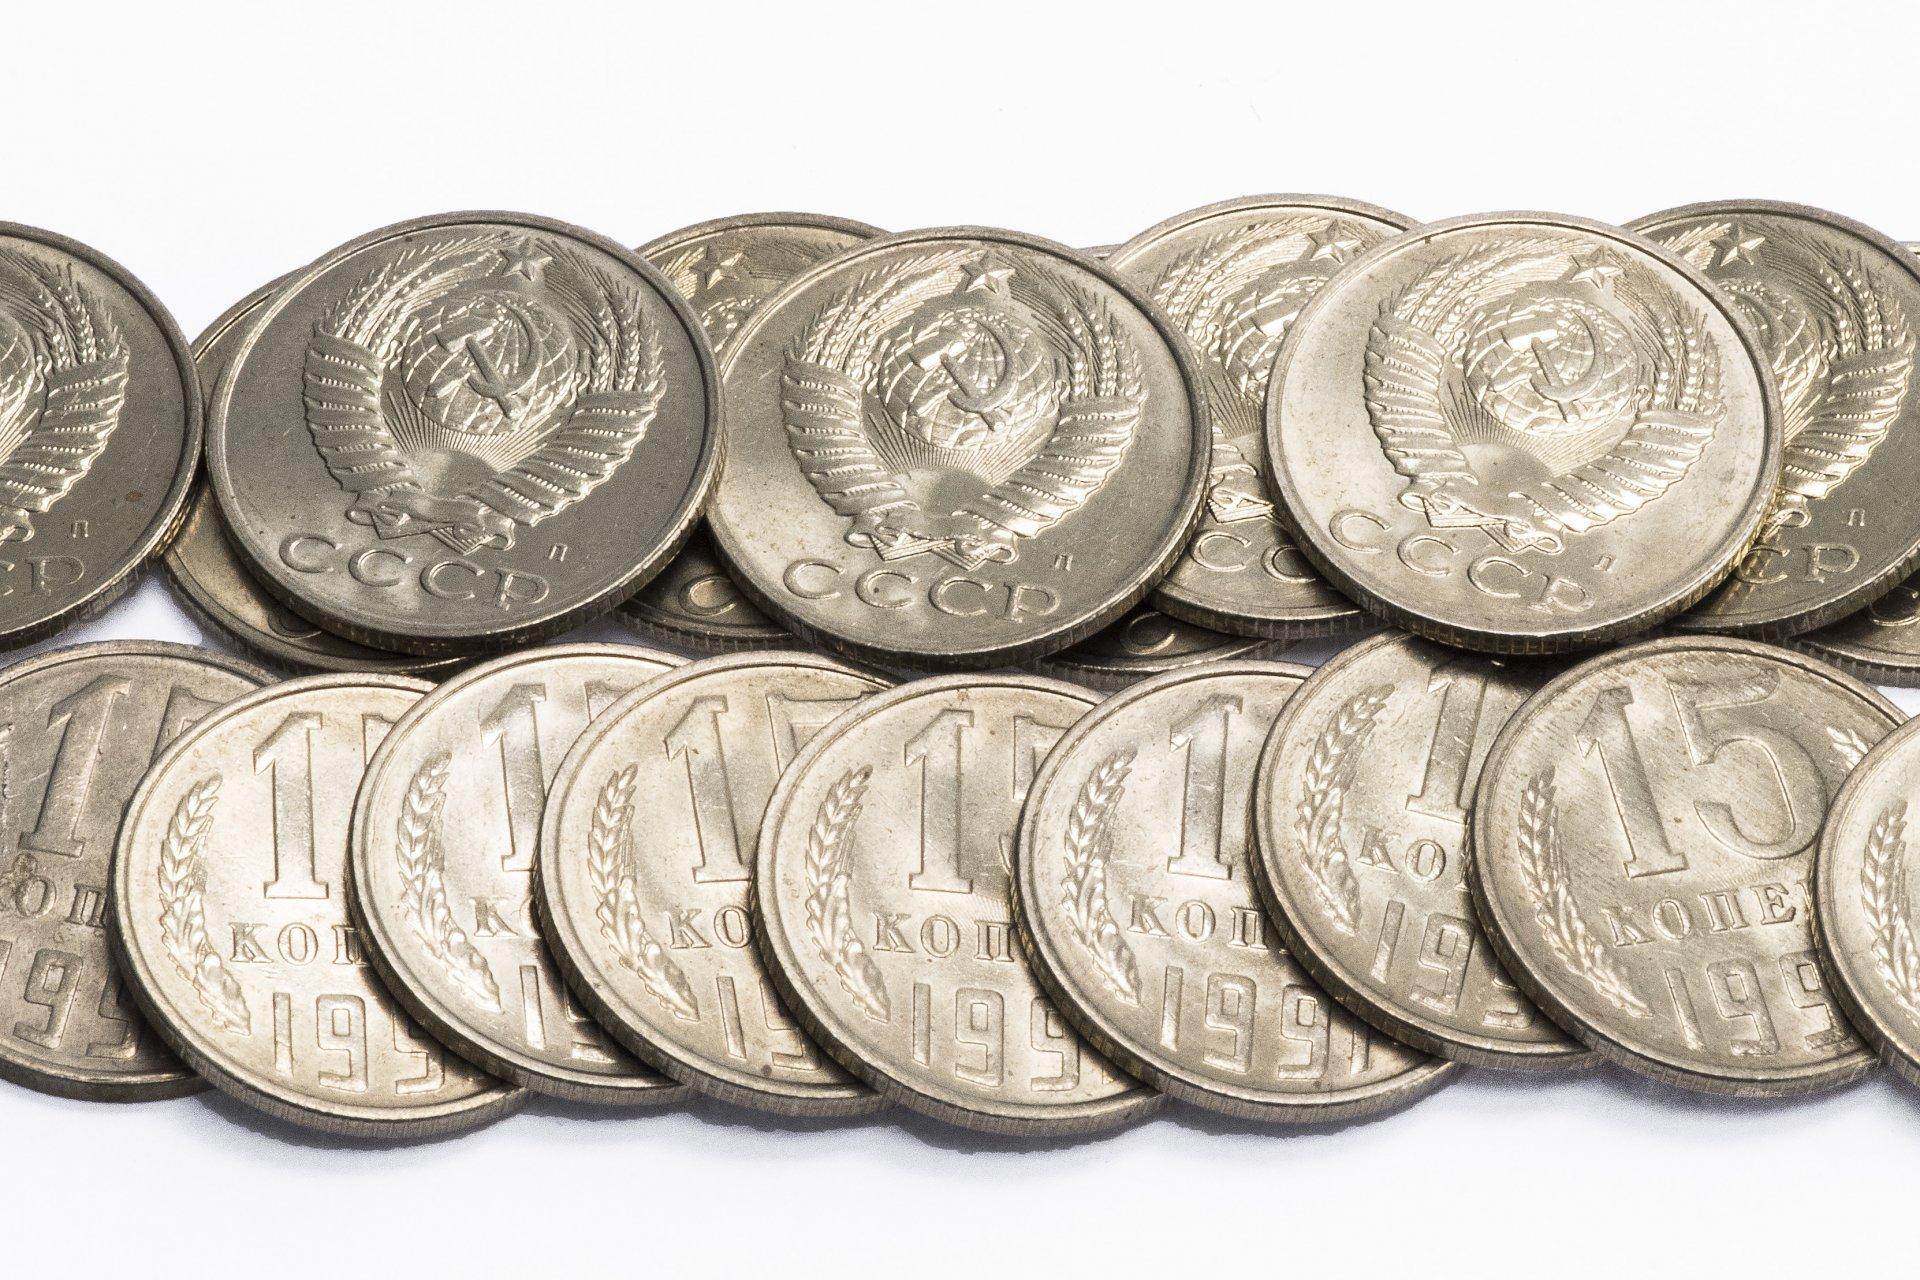 картинки старых монет ссср этот